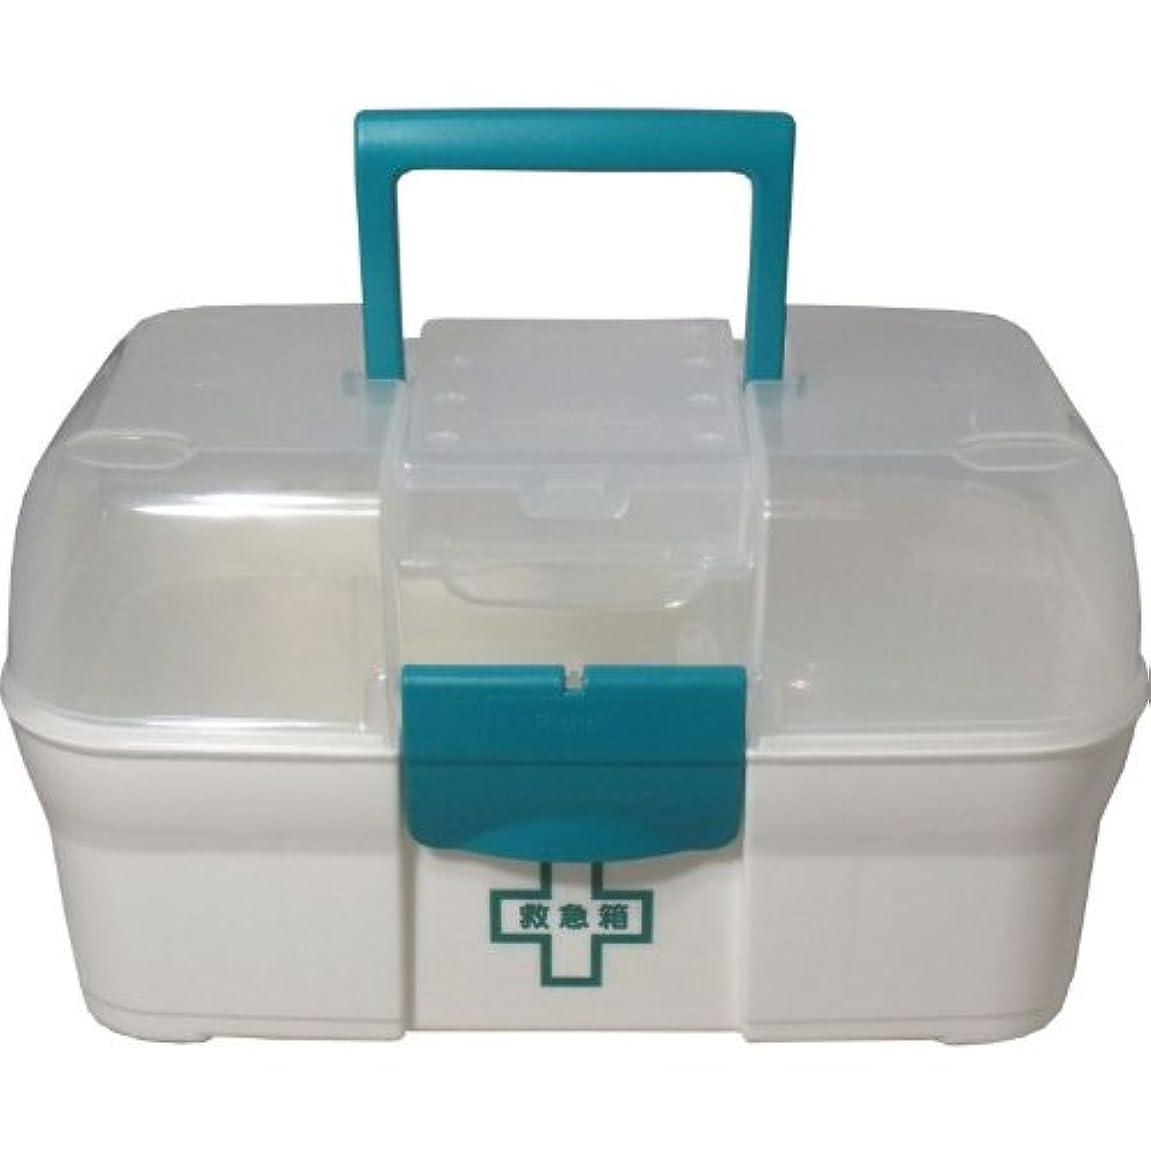 リッチェル救急箱 プラスチック製 携帯ケース付き「5点セット」